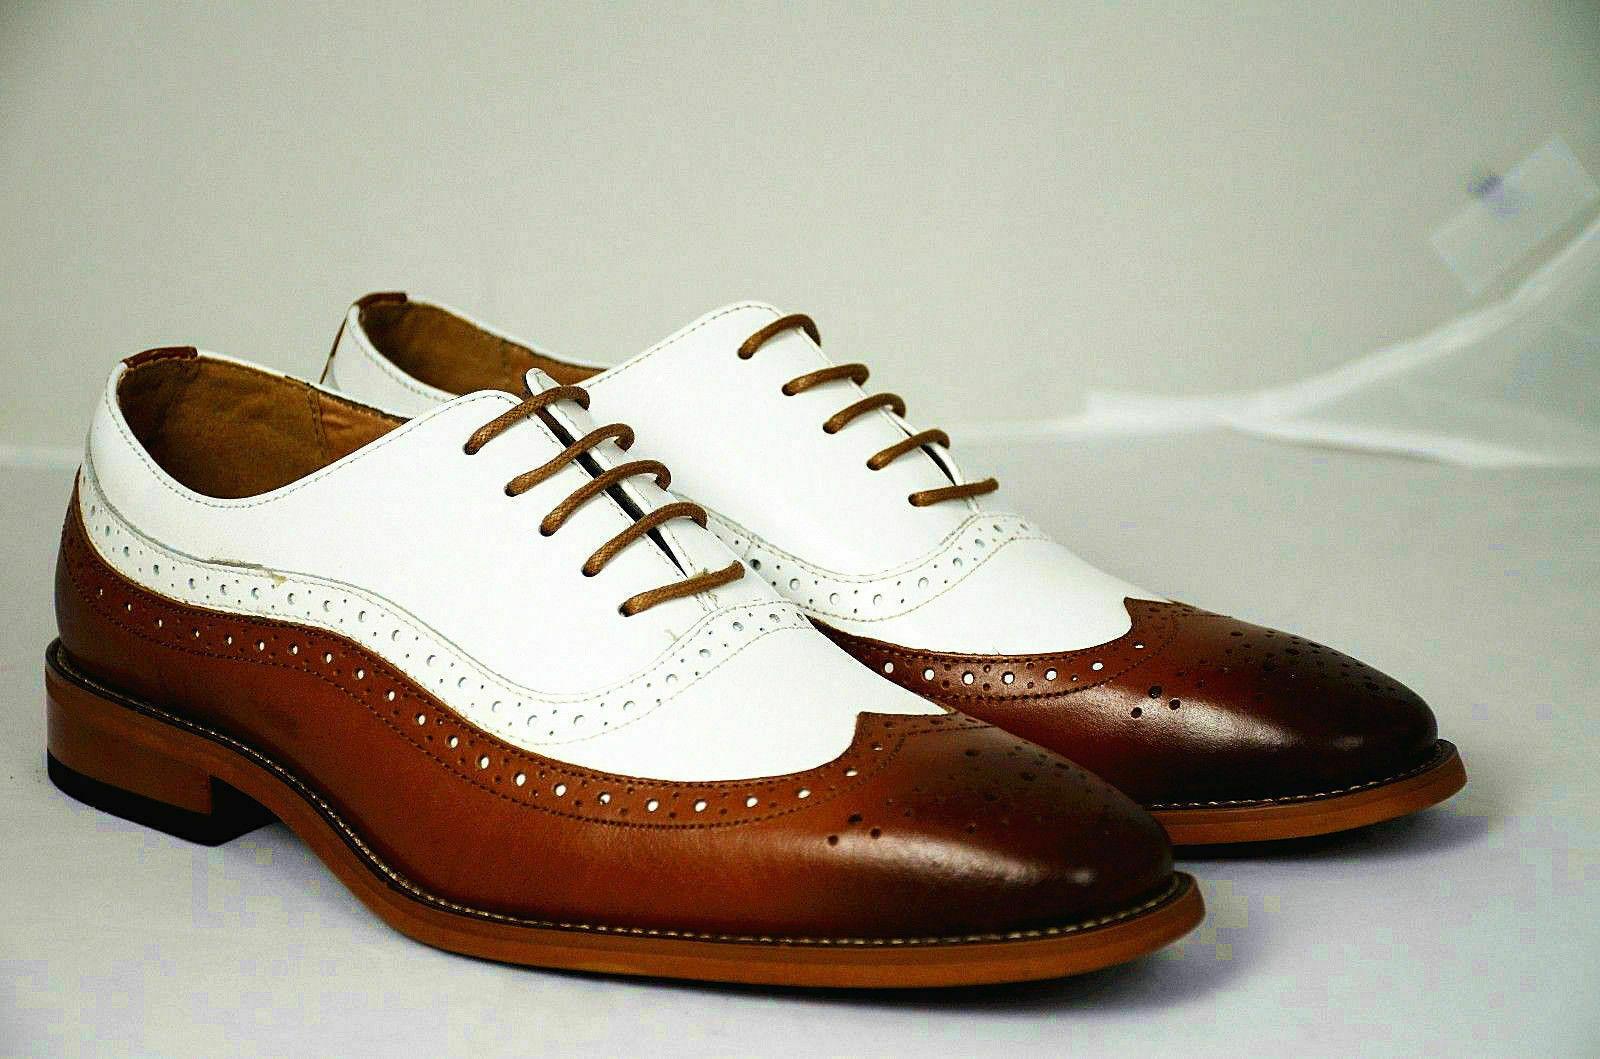 Hecho a mano para hombres Cuero Genuino blancoo Y Oscuro Bronceado Zapatos Oxford Brogue formal